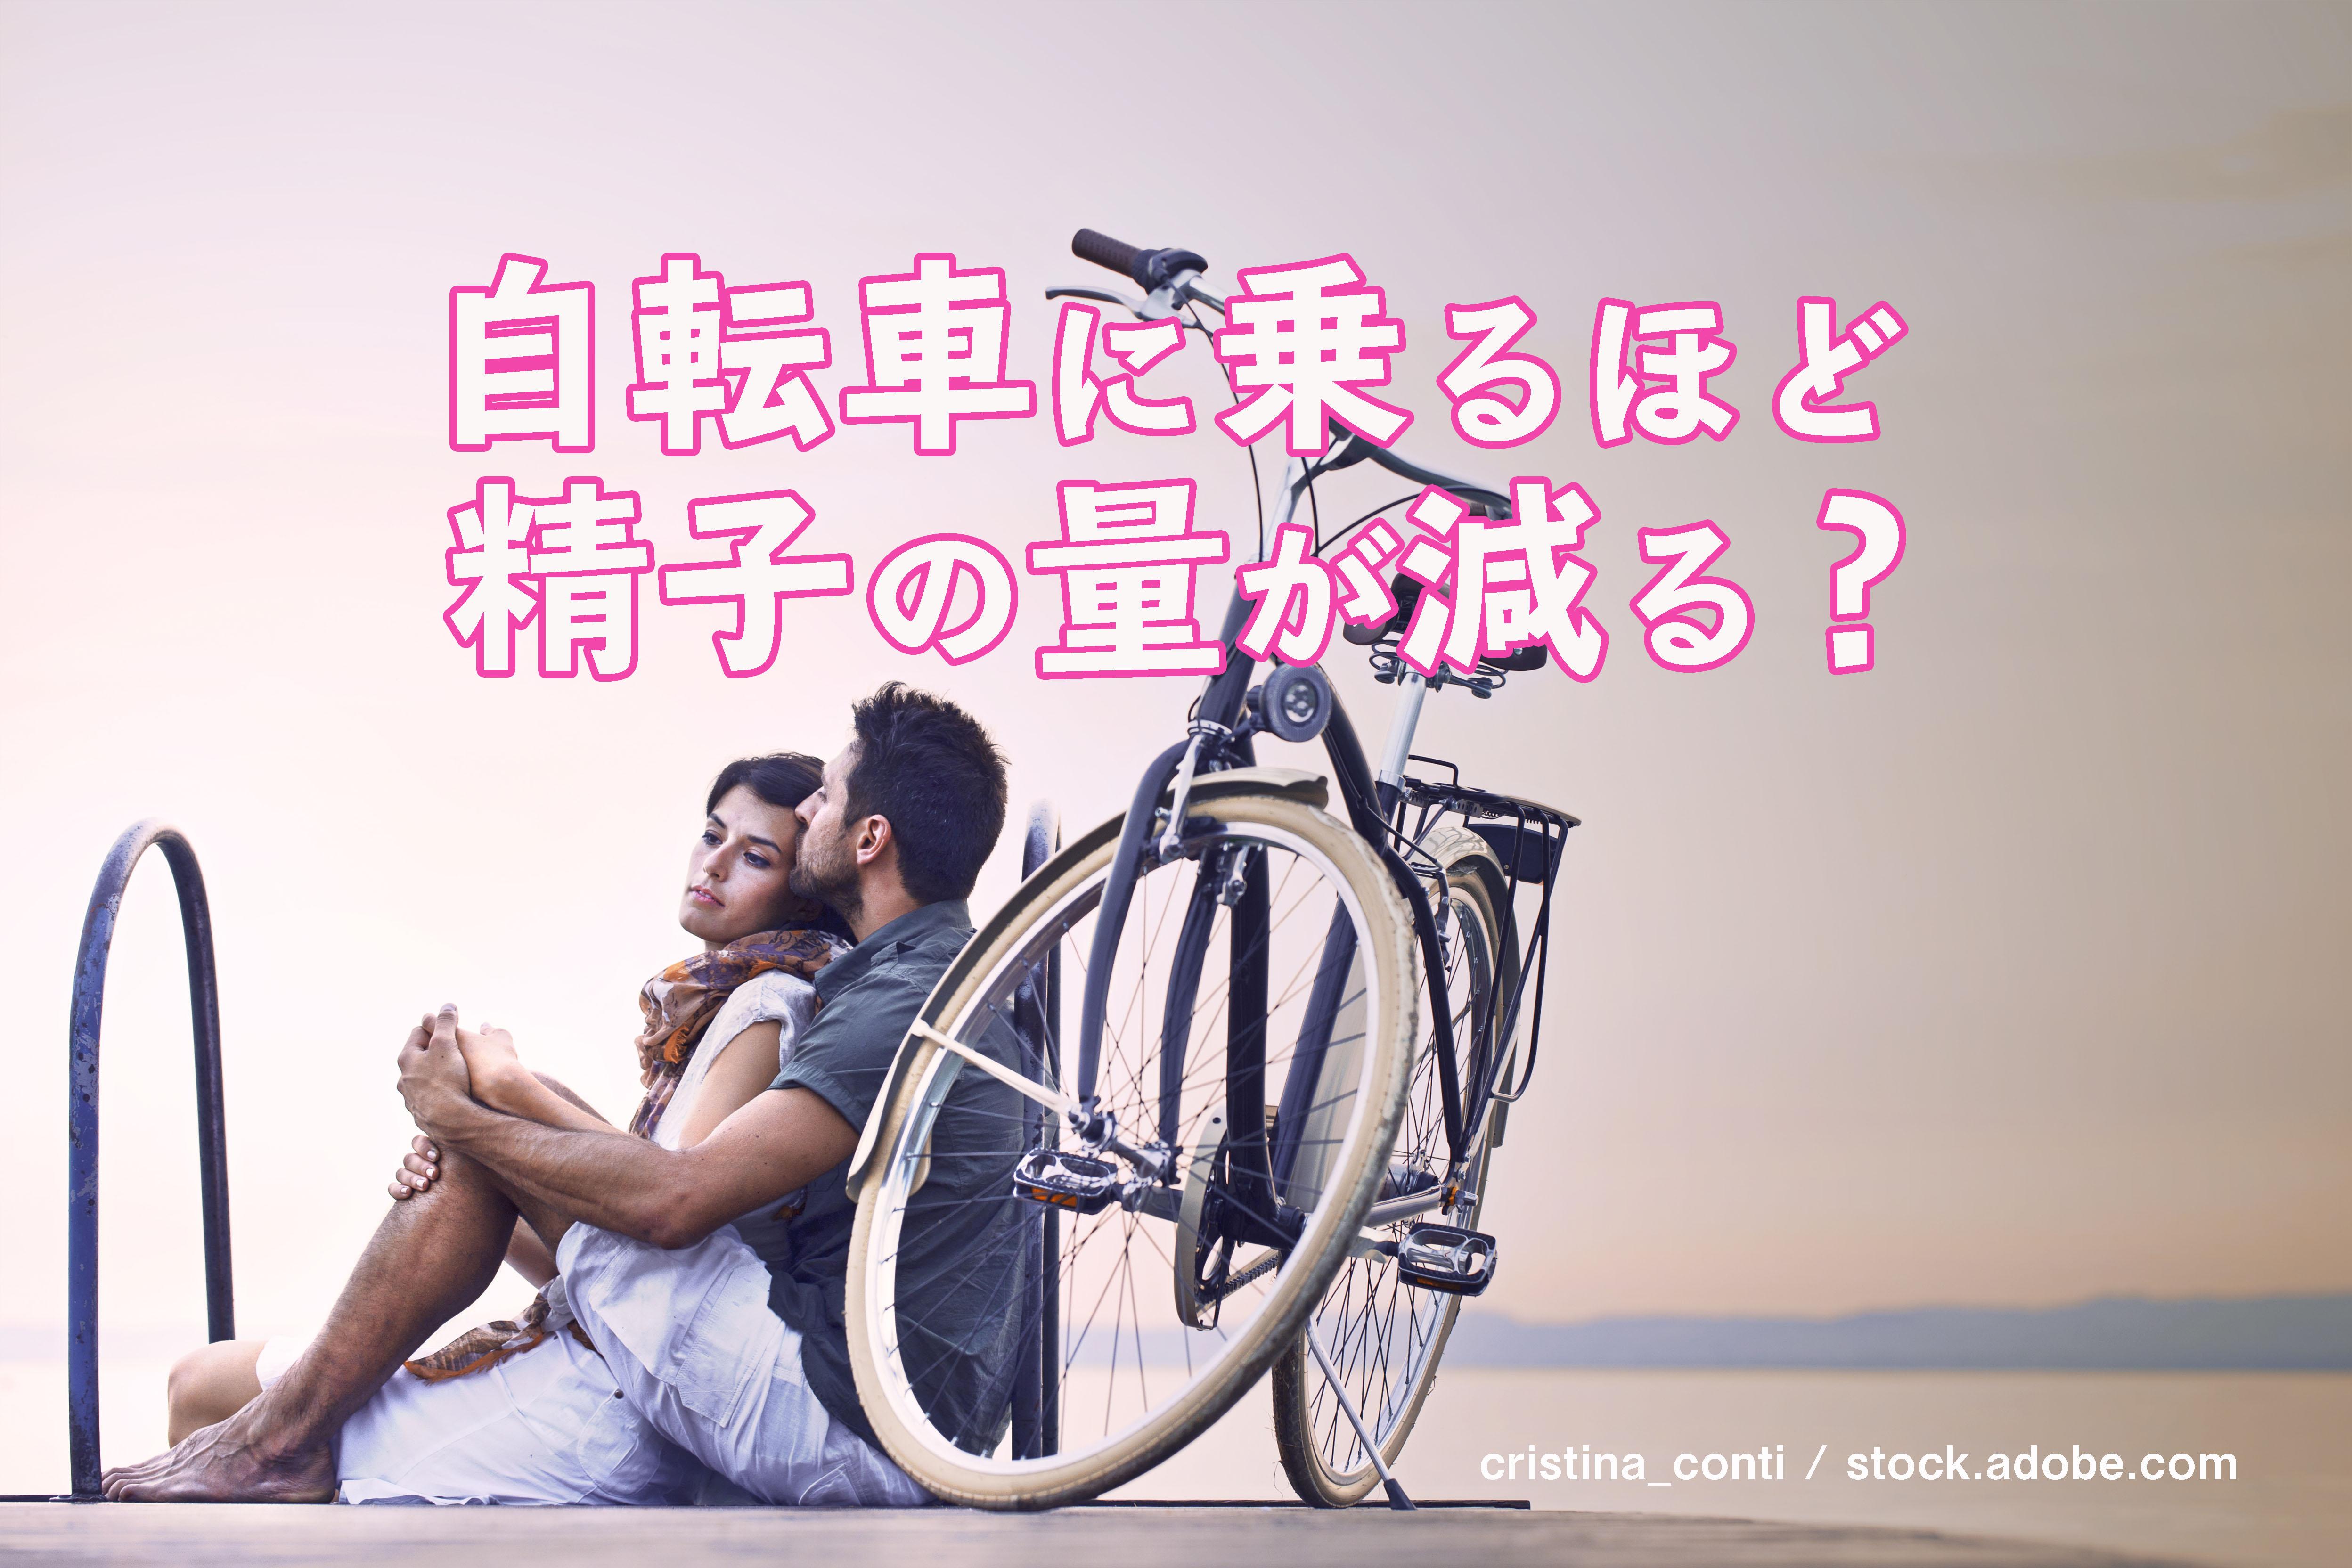 【男性不妊】乗るほどに精子の量が減る☆自転車(ロードバイク)好きの妊活カップルは要注意